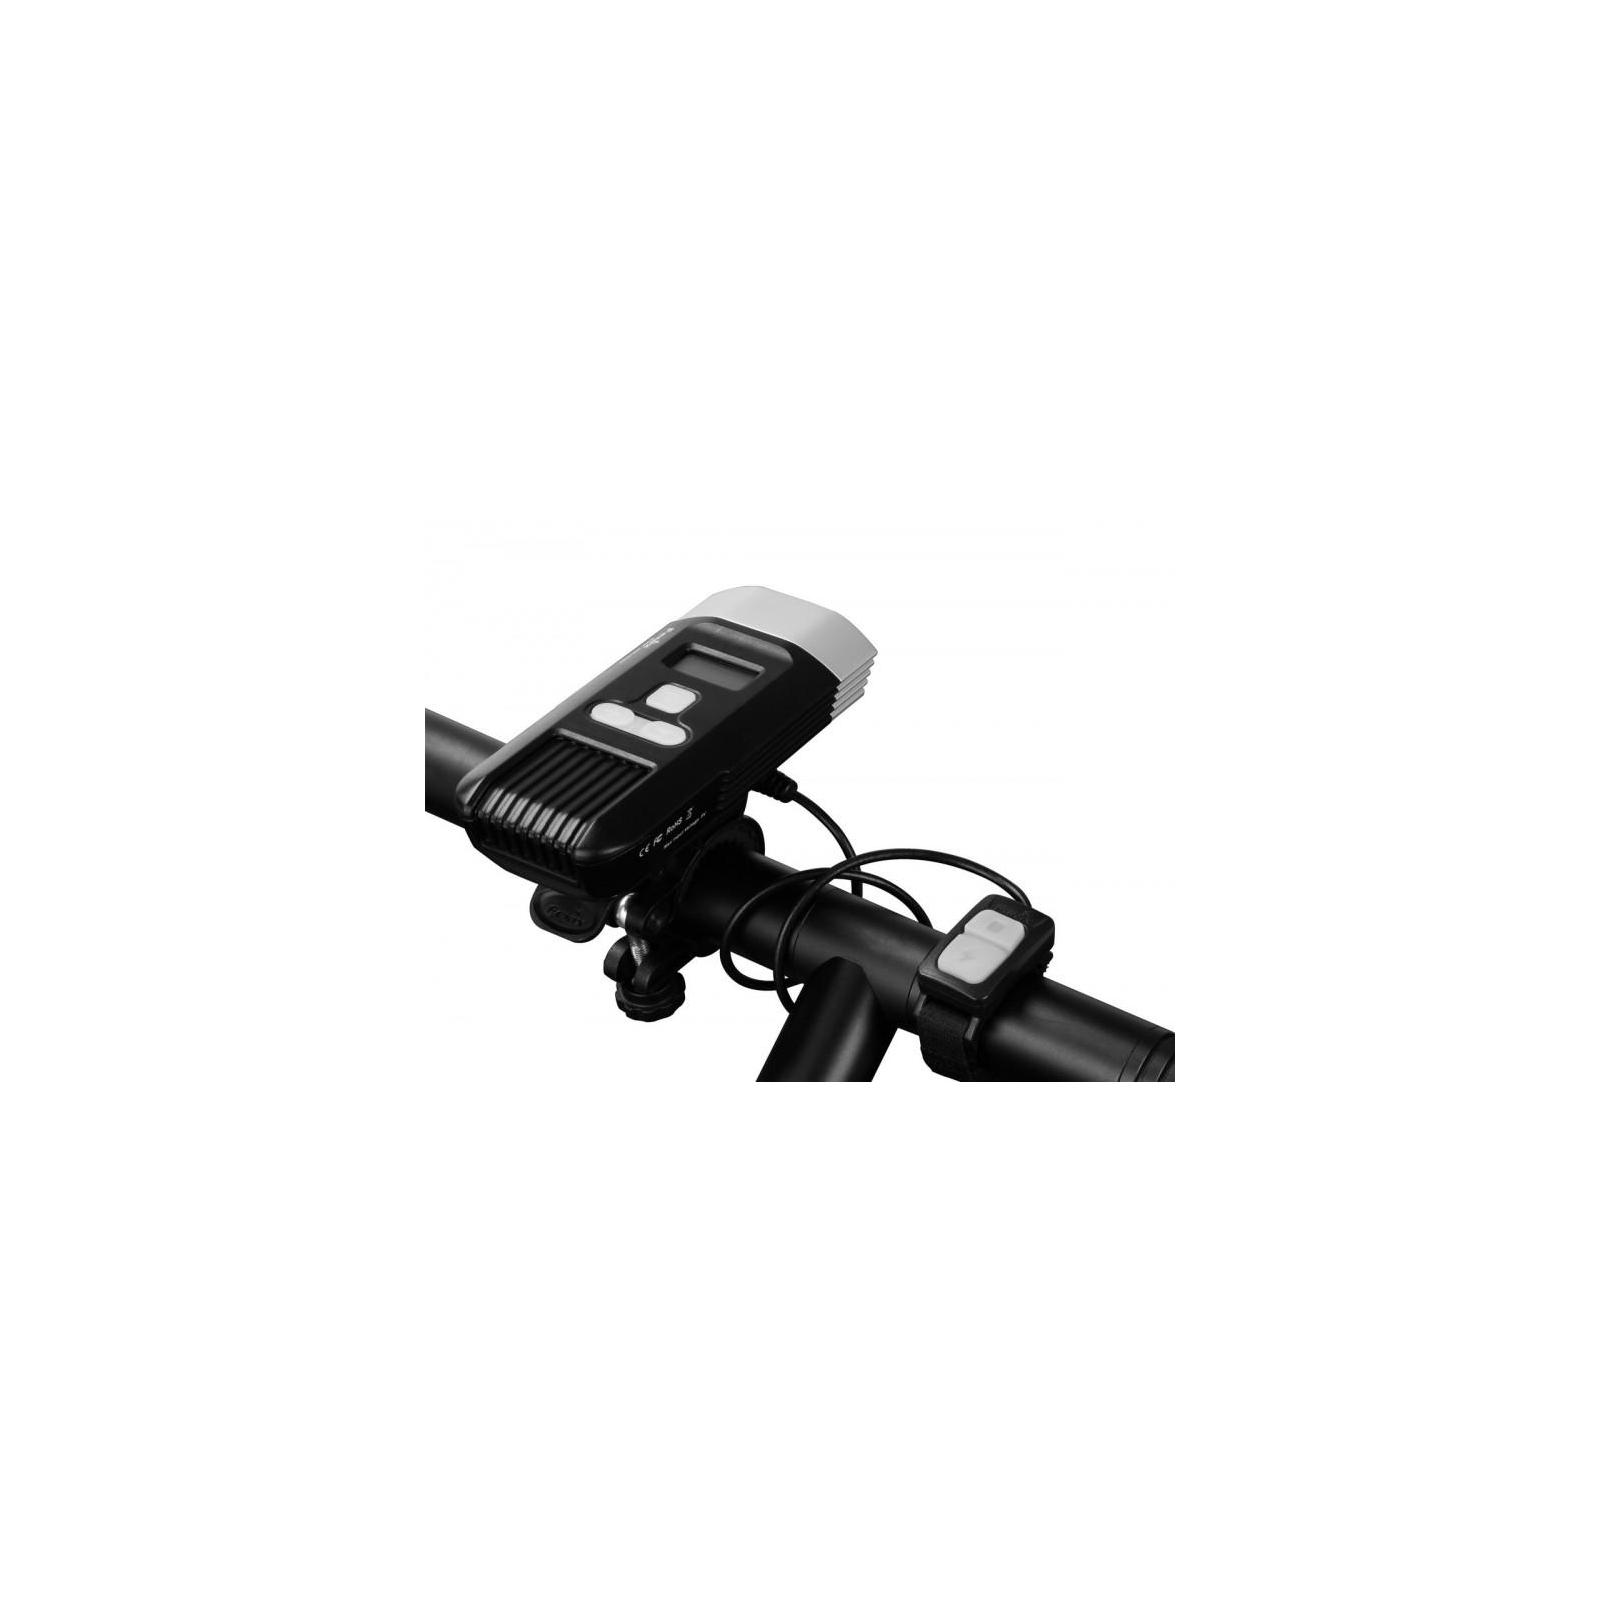 Передняя велофара Fenix BC30R 2017 (XM-L2 T6, USB RECHARGEABLE) (BC30R2017) изображение 5